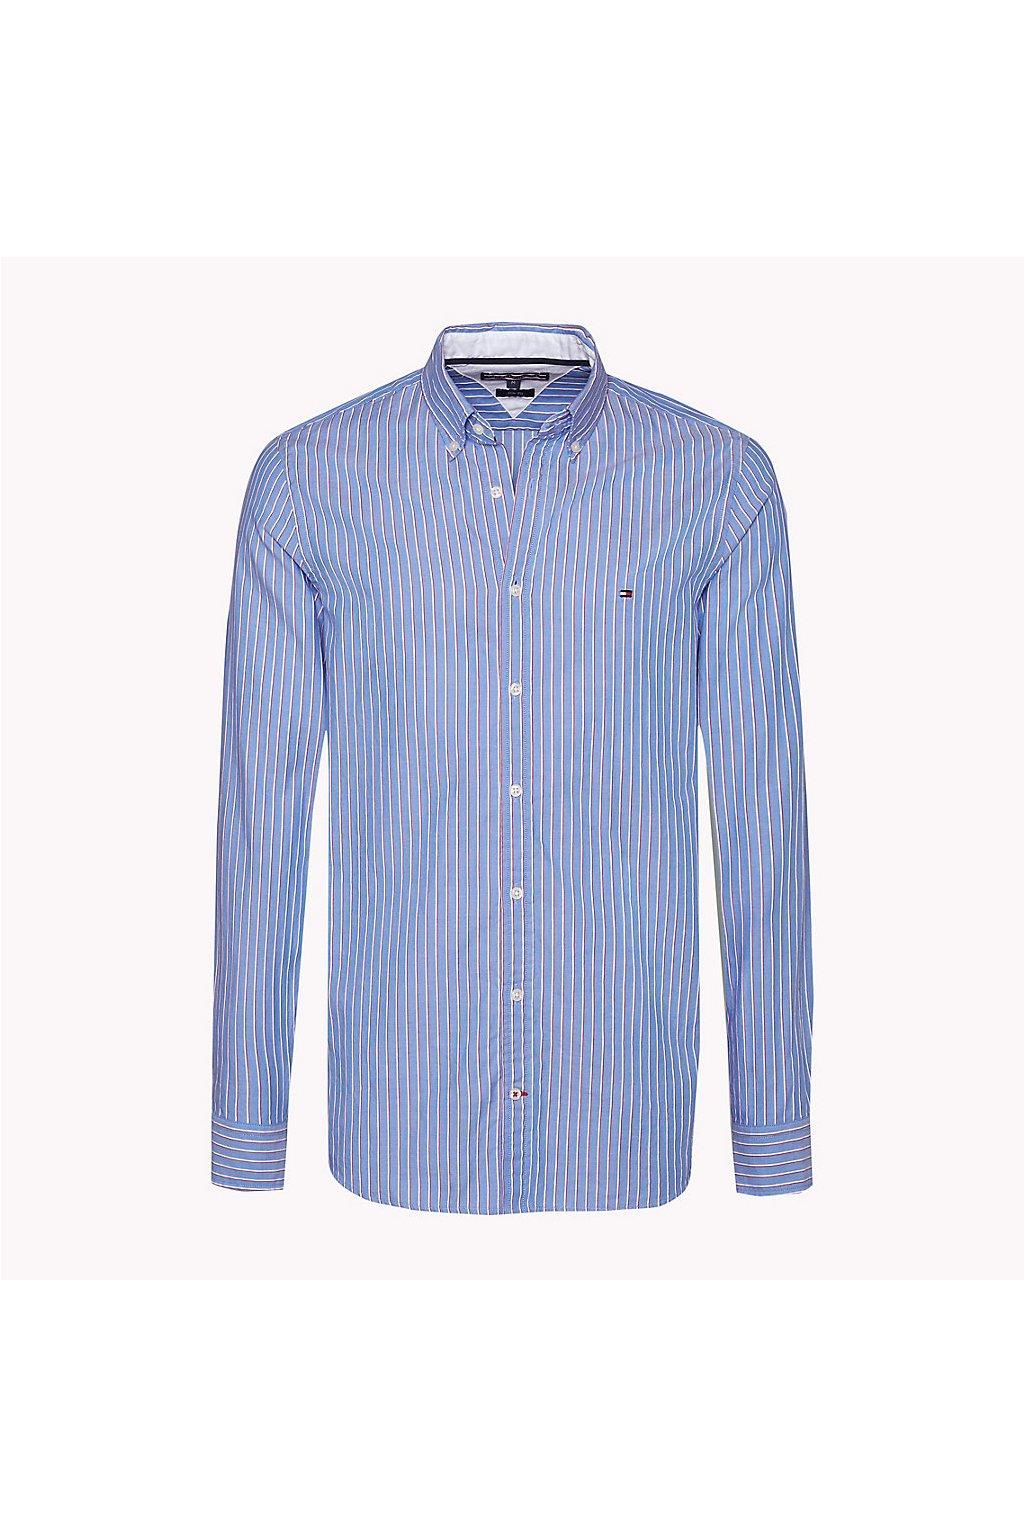 Pánská košile Tommy Hilfiger MW0MW03036